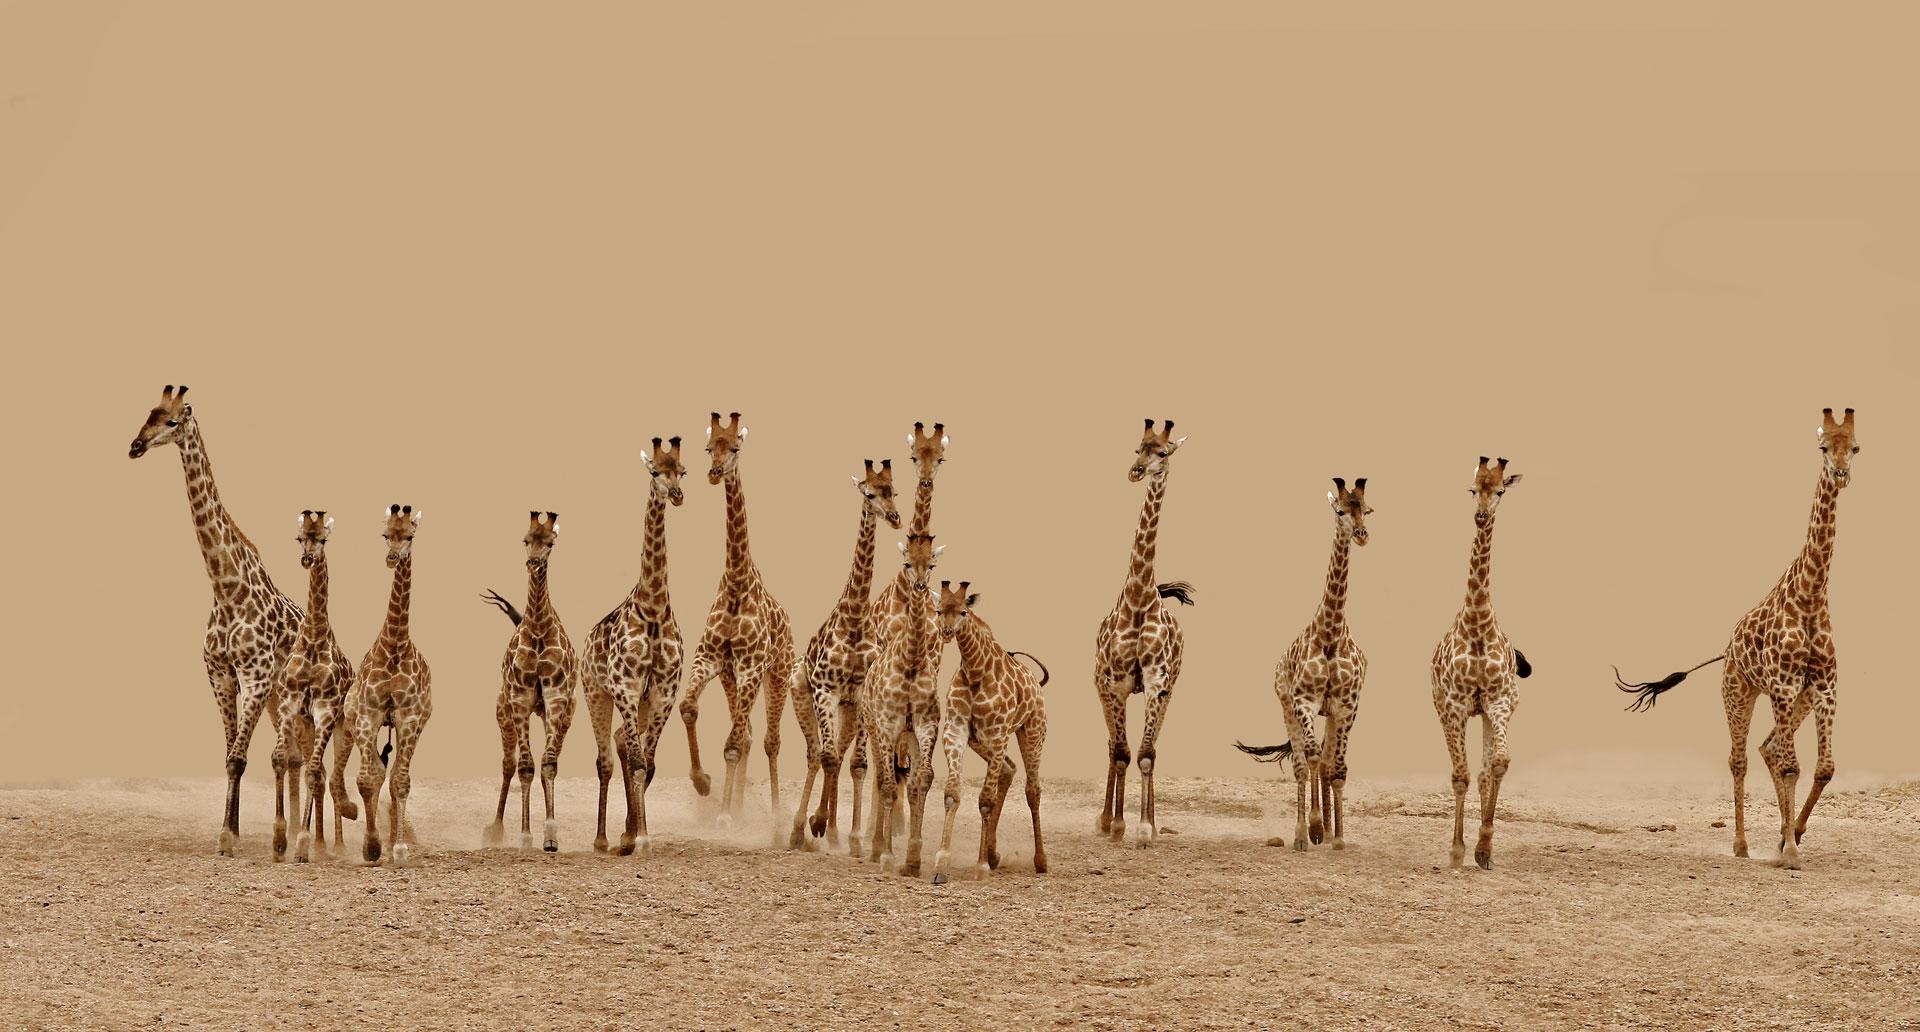 Frederick-van-Heerden-South-Africa-Shortlist-Nature-Wildlife-Open-Competition-2013_PRESS